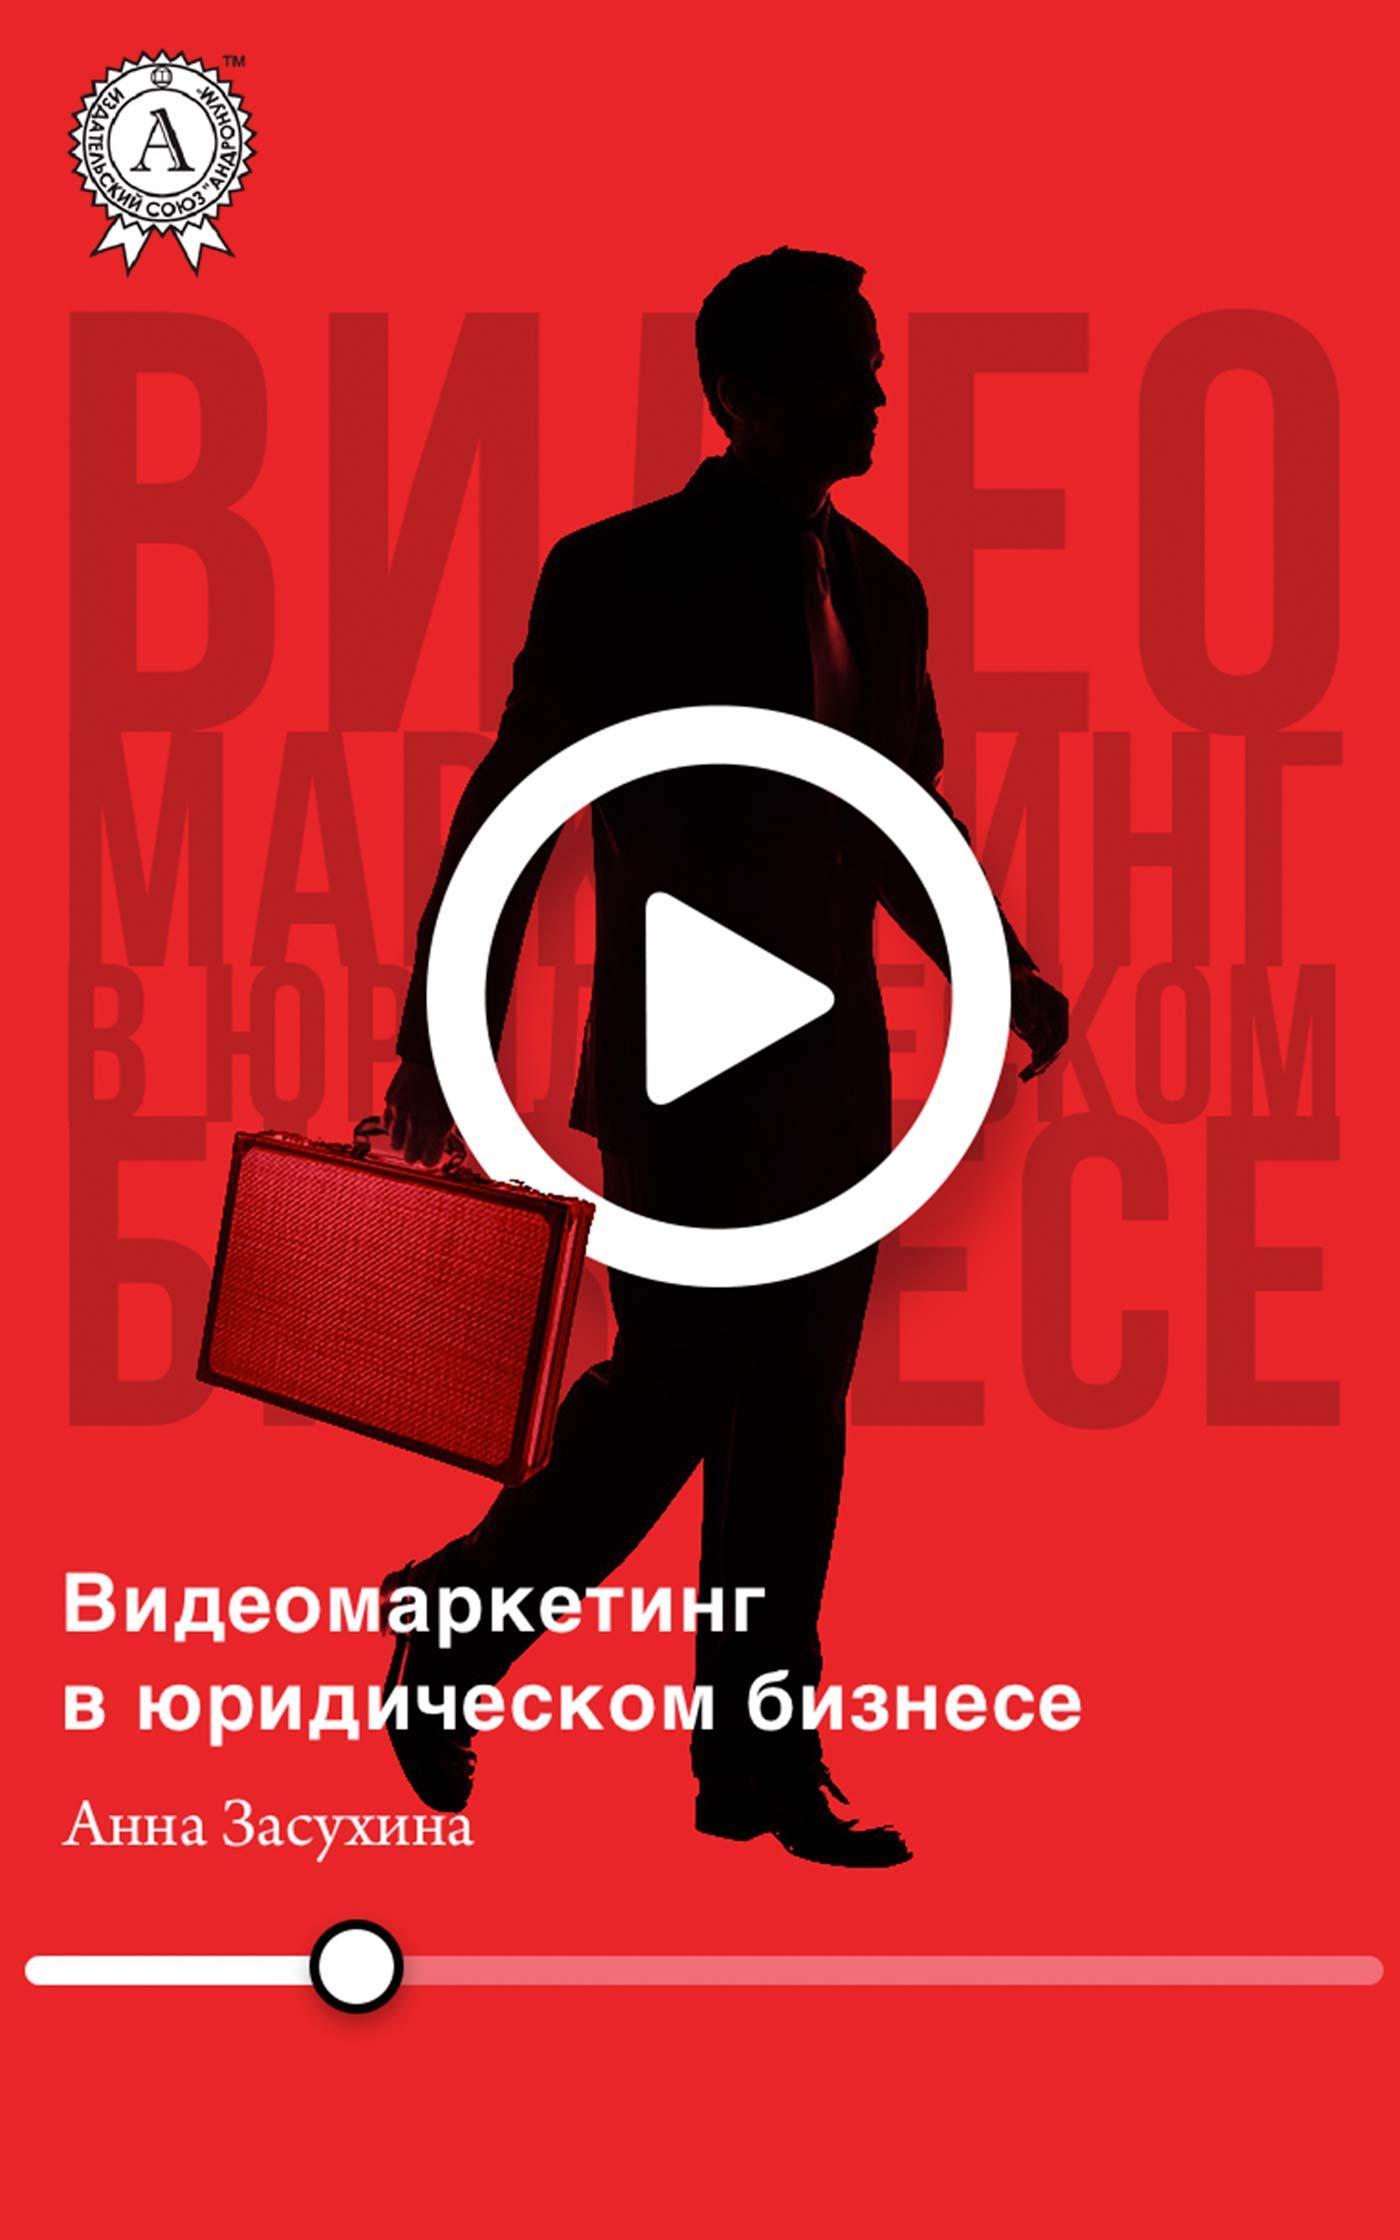 Видеомаркетинг в юридическом бизнесе